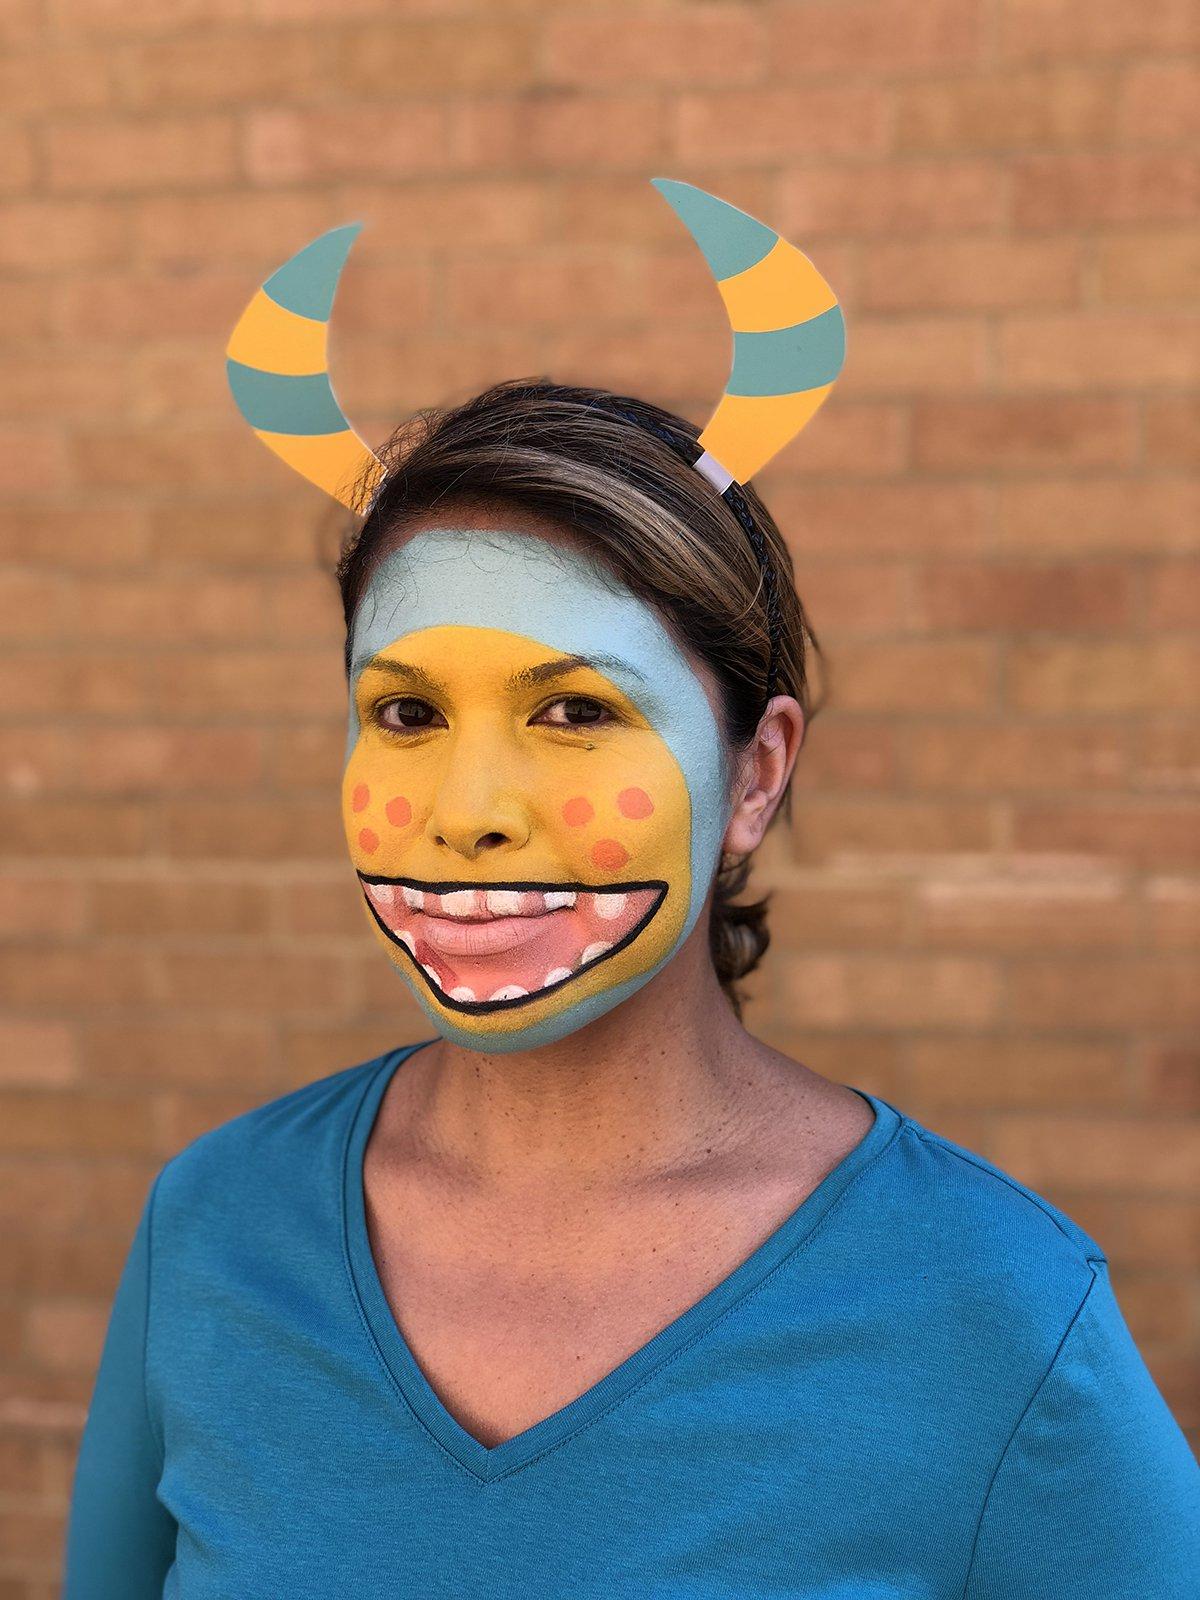 pintura facial halloween monstro5 - Pintura de rosto de Halloween - Monstro